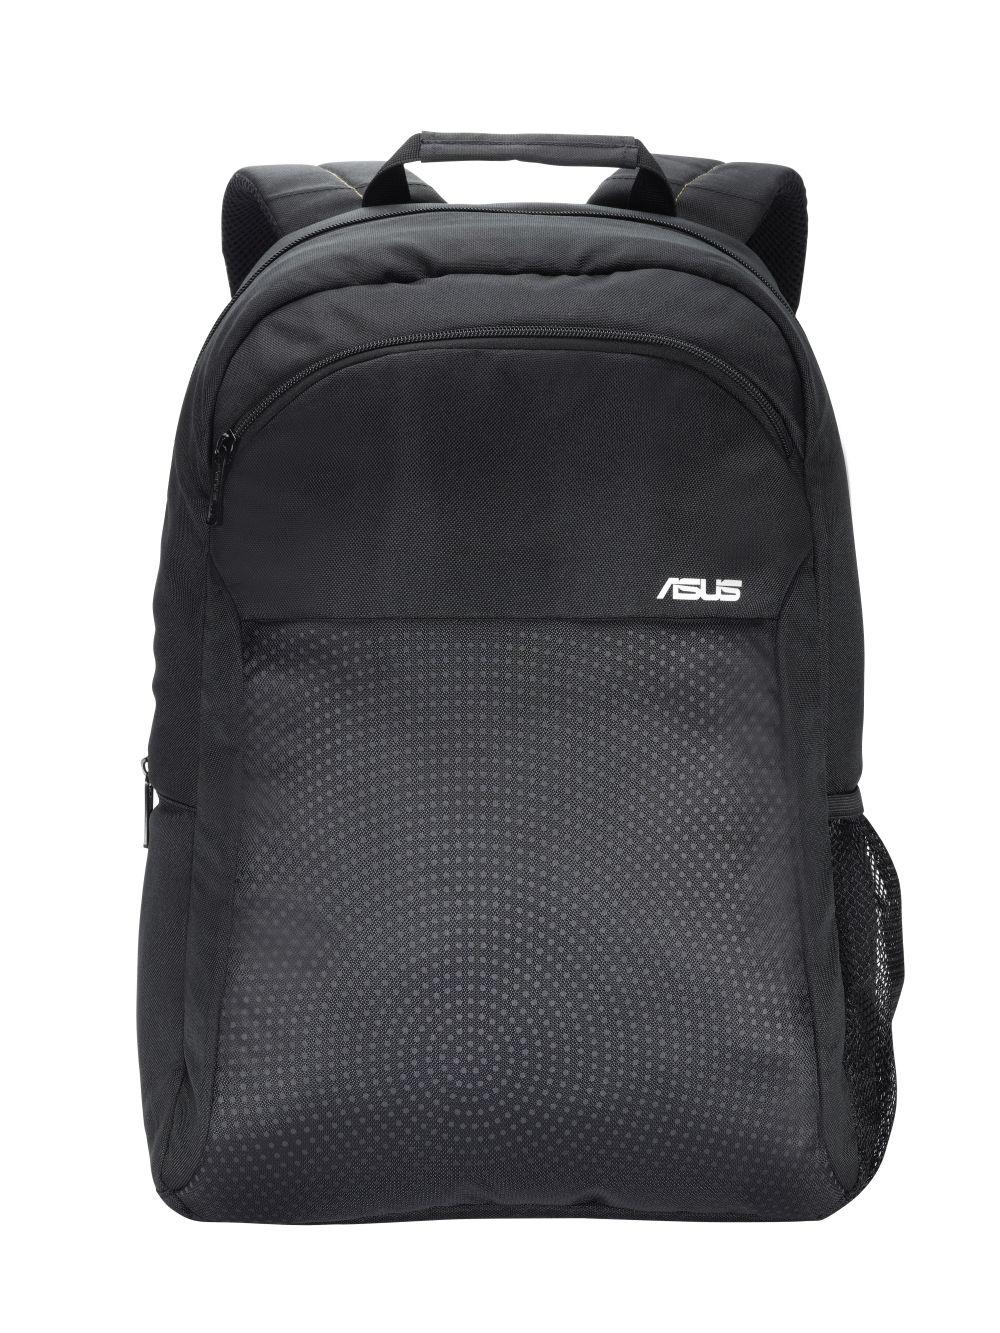 Rucsac Laptop Asus Argo 15.6-inch Black